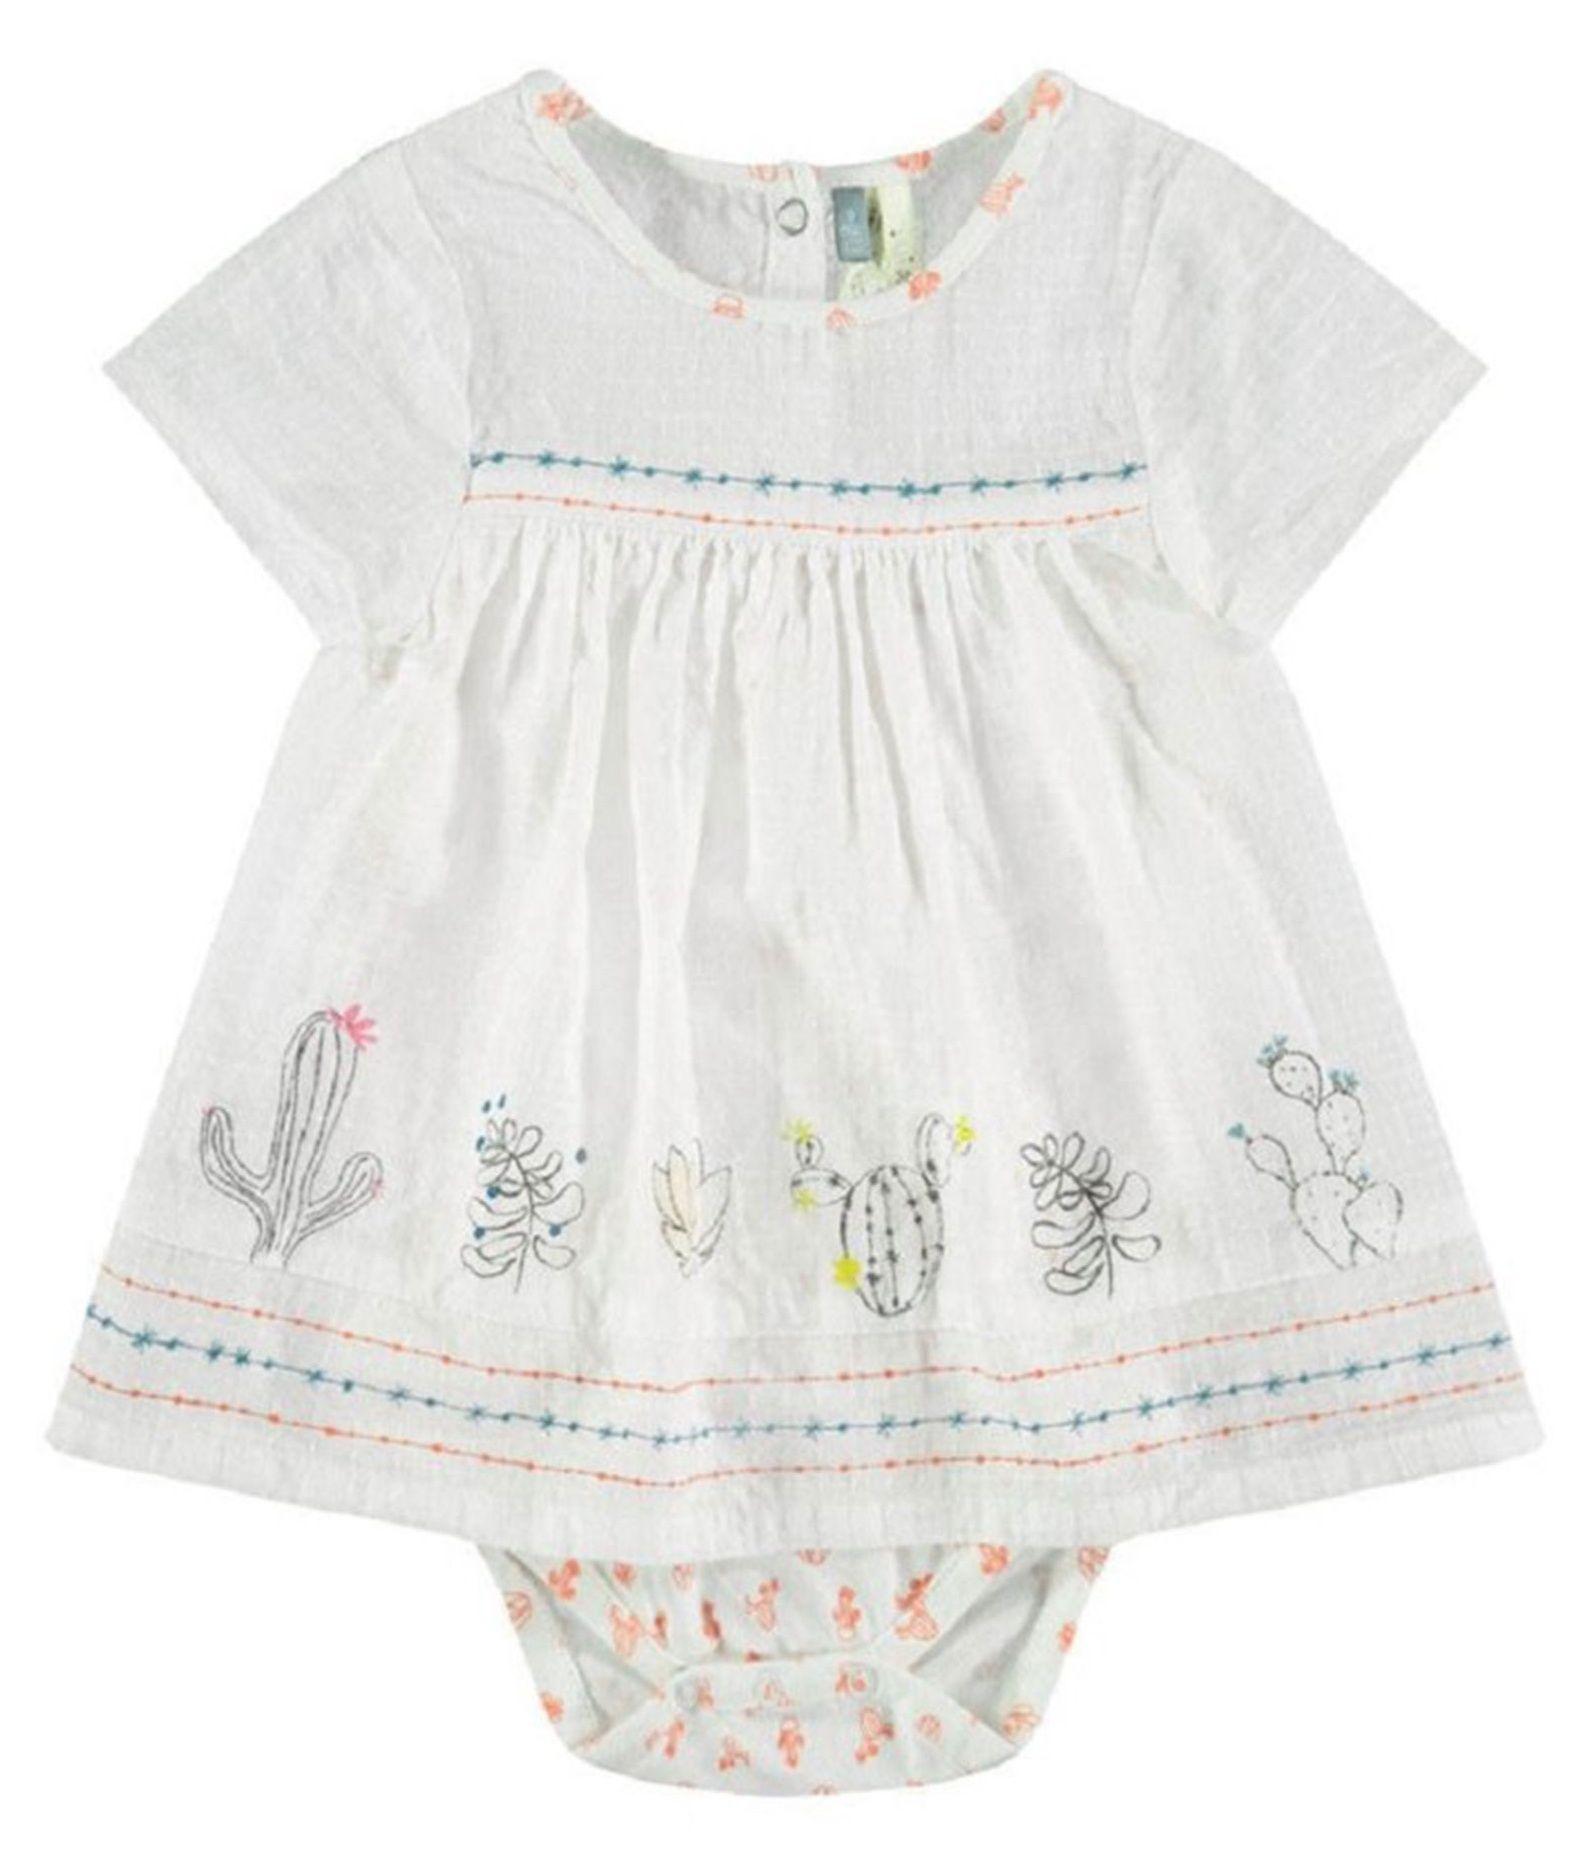 پیراهن و شورت نوزادی دخترانه - ارکسترا - سفید - 1